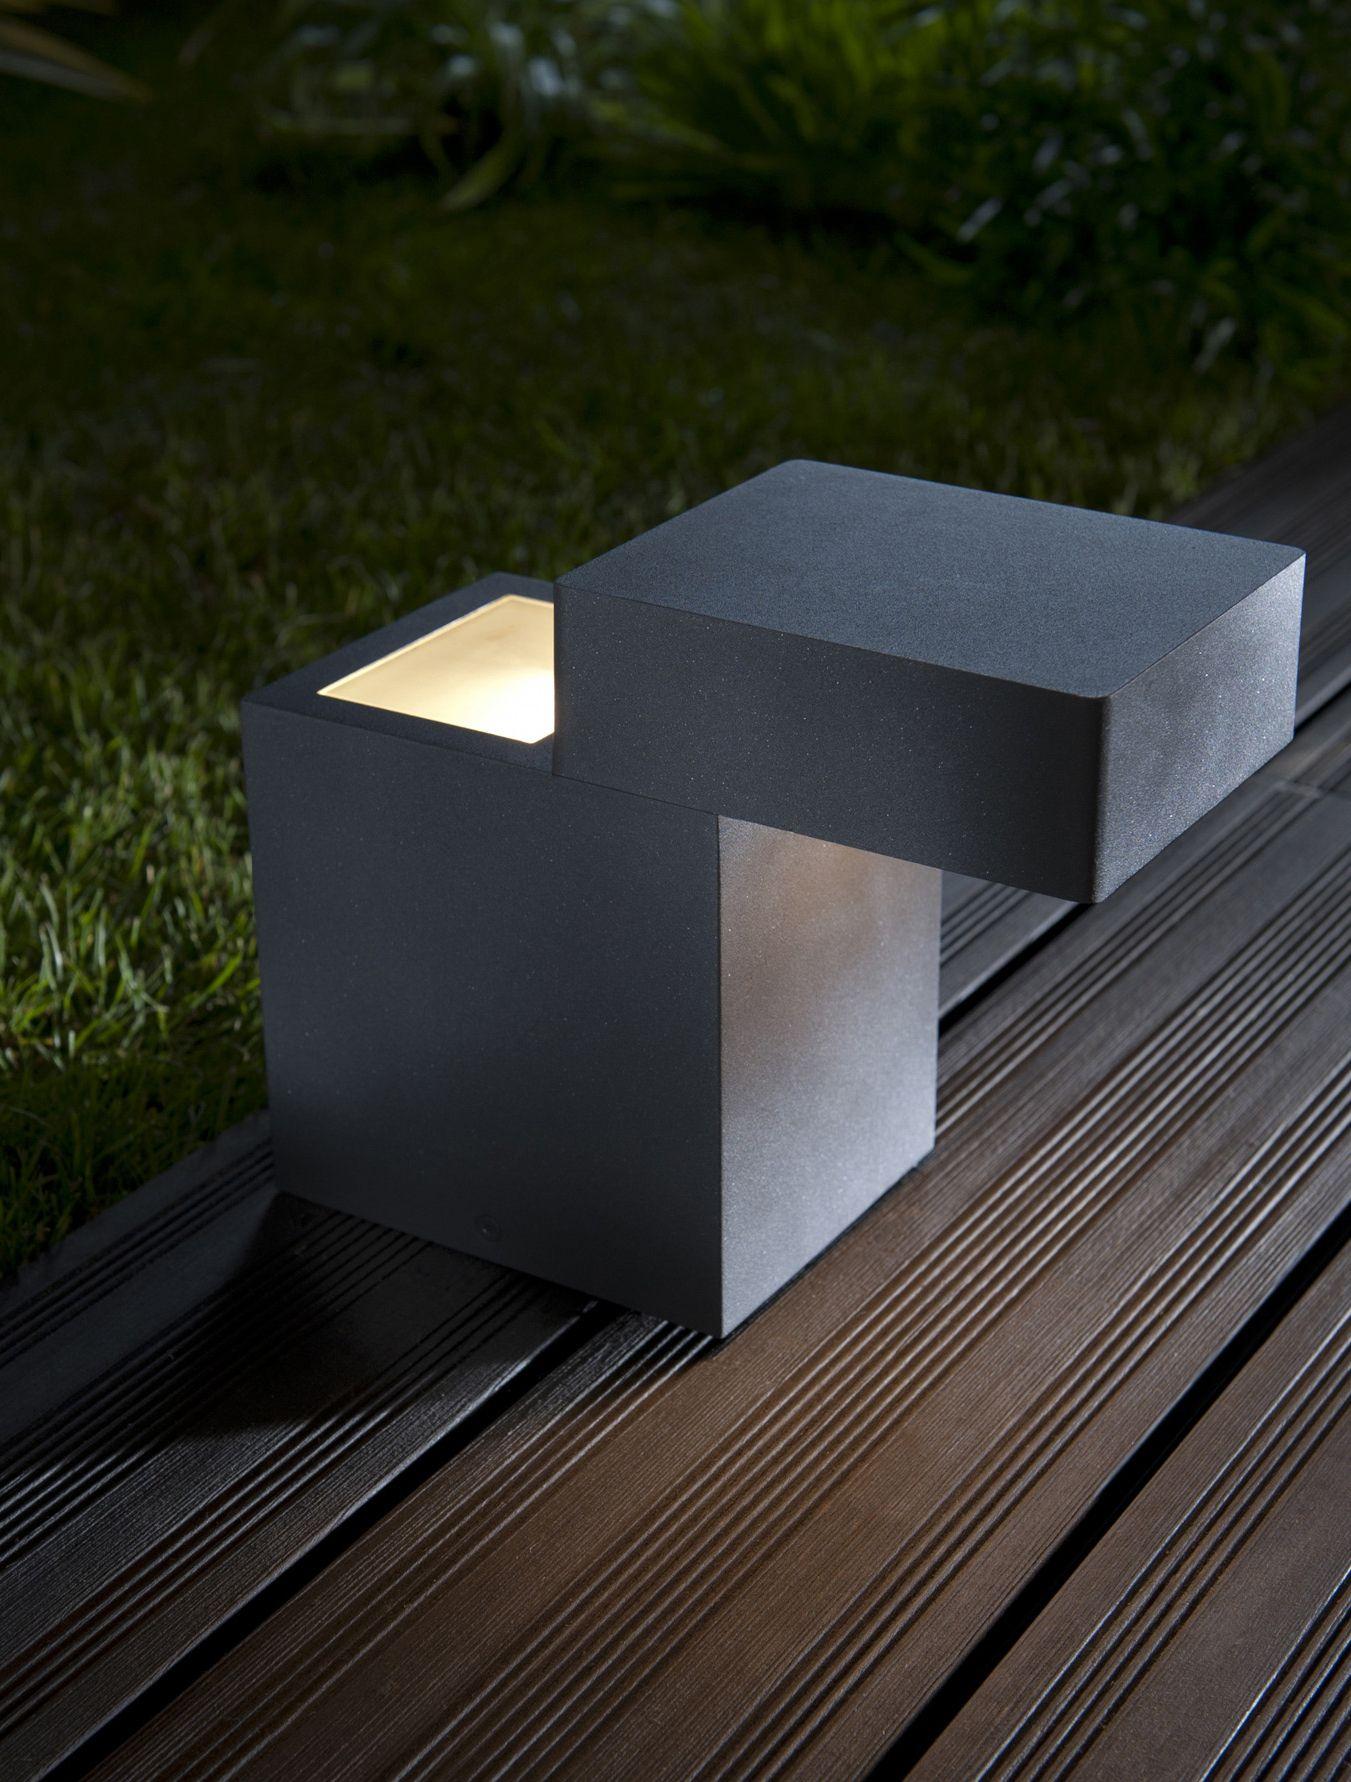 borne ext rieure blooma dubb gris anthracite cm eclairage pinterest ext rieur. Black Bedroom Furniture Sets. Home Design Ideas